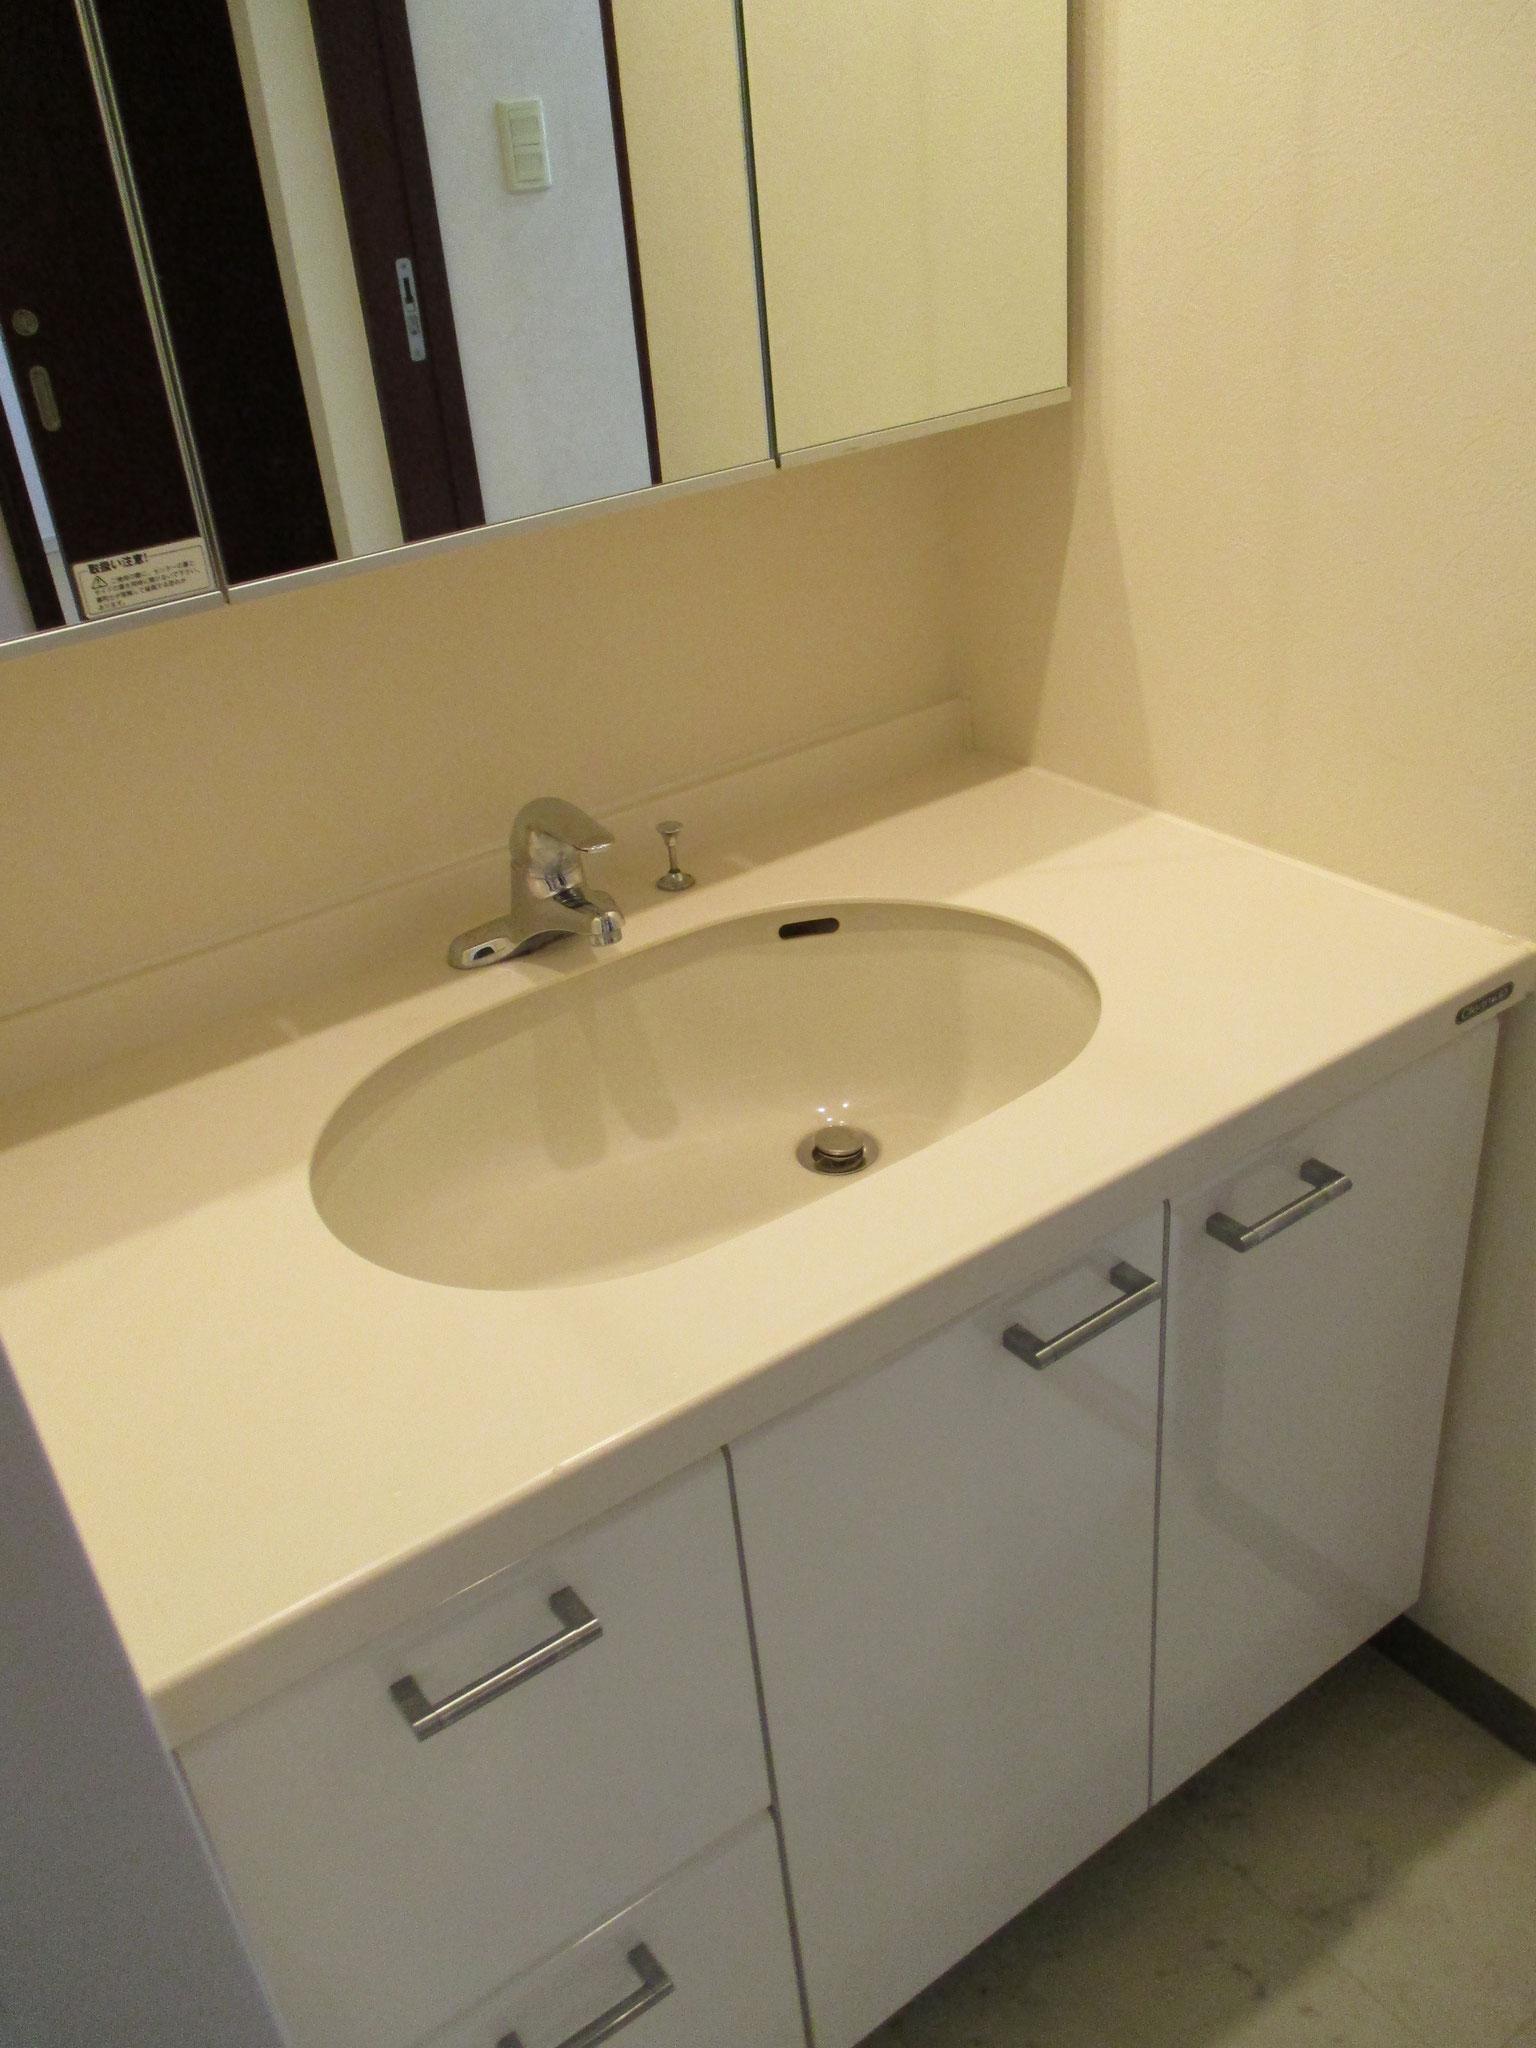 そのお隣は洗面室。三面鏡付の洗面台。洗濯機置場もあります